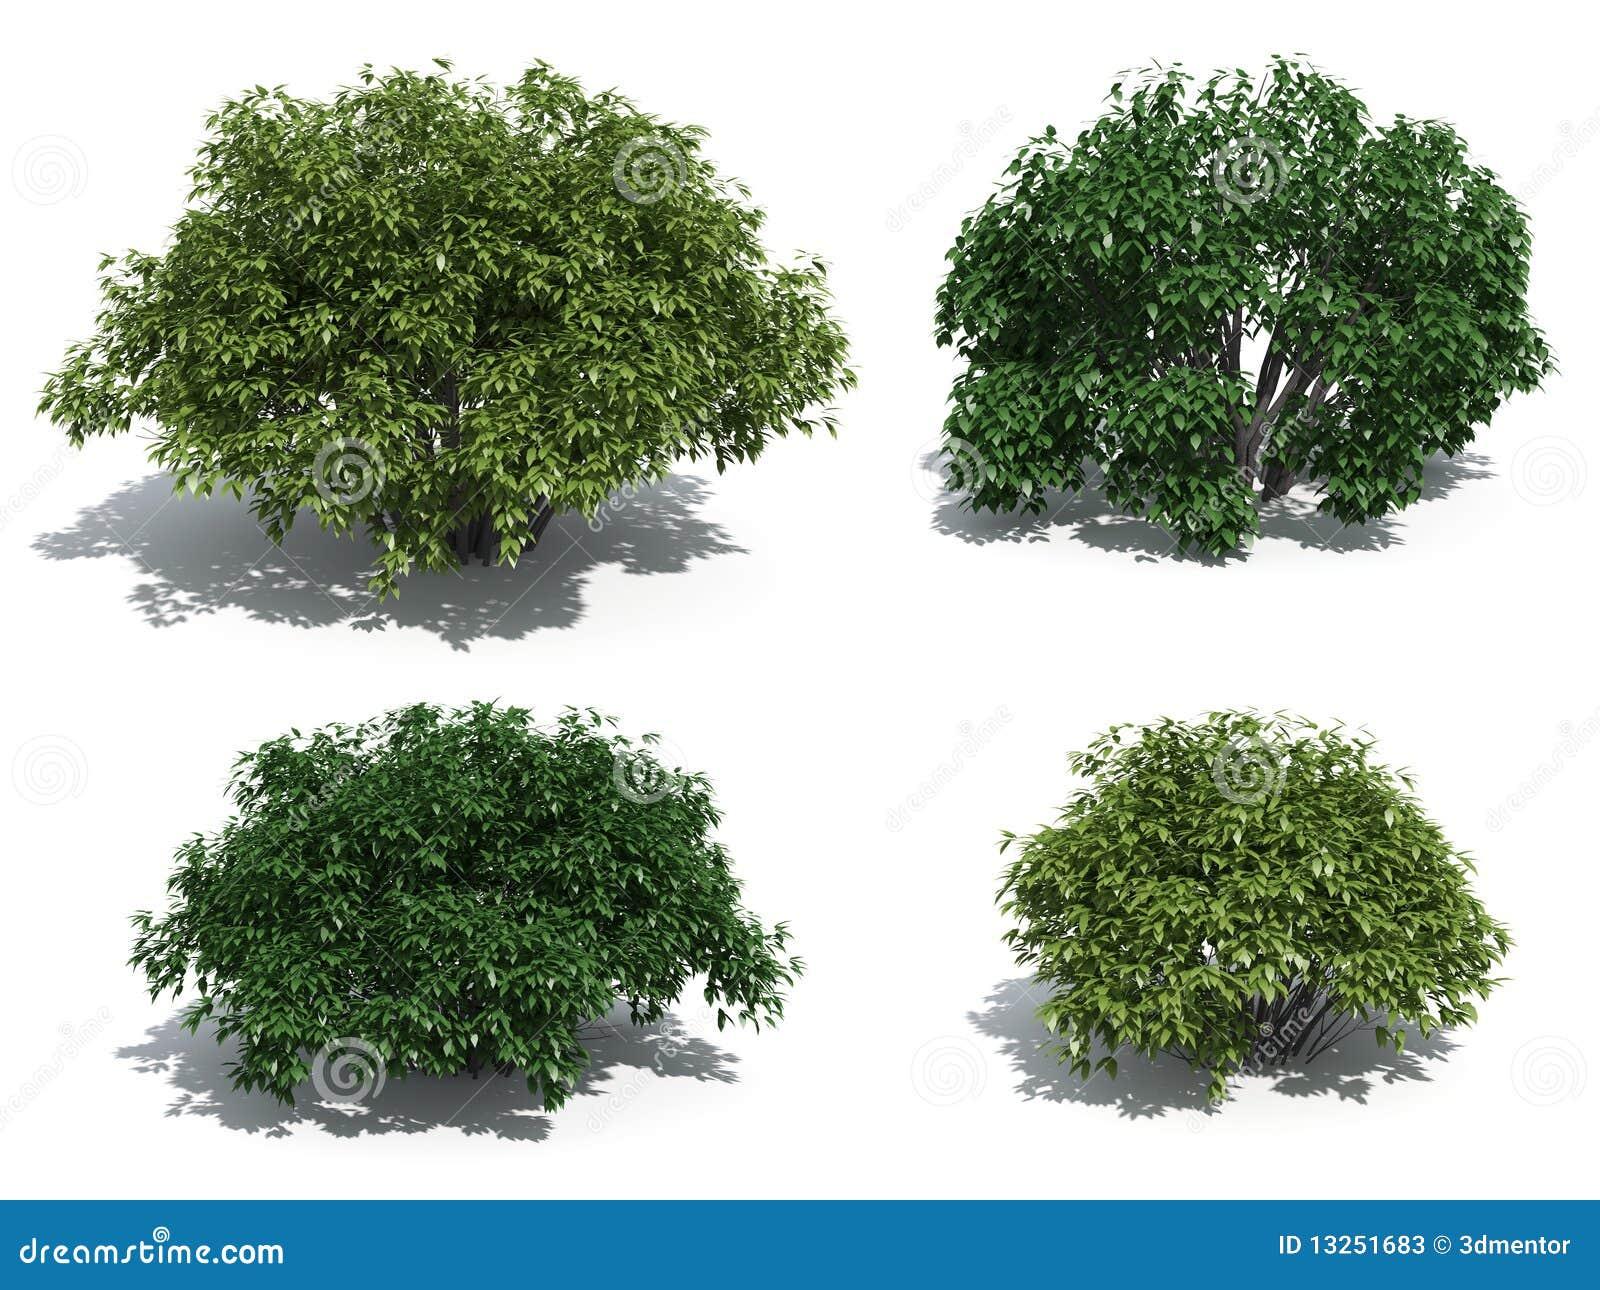 Arbustos ilustra o stock ilustra o de branco grupo - Nombres de arbustos ...